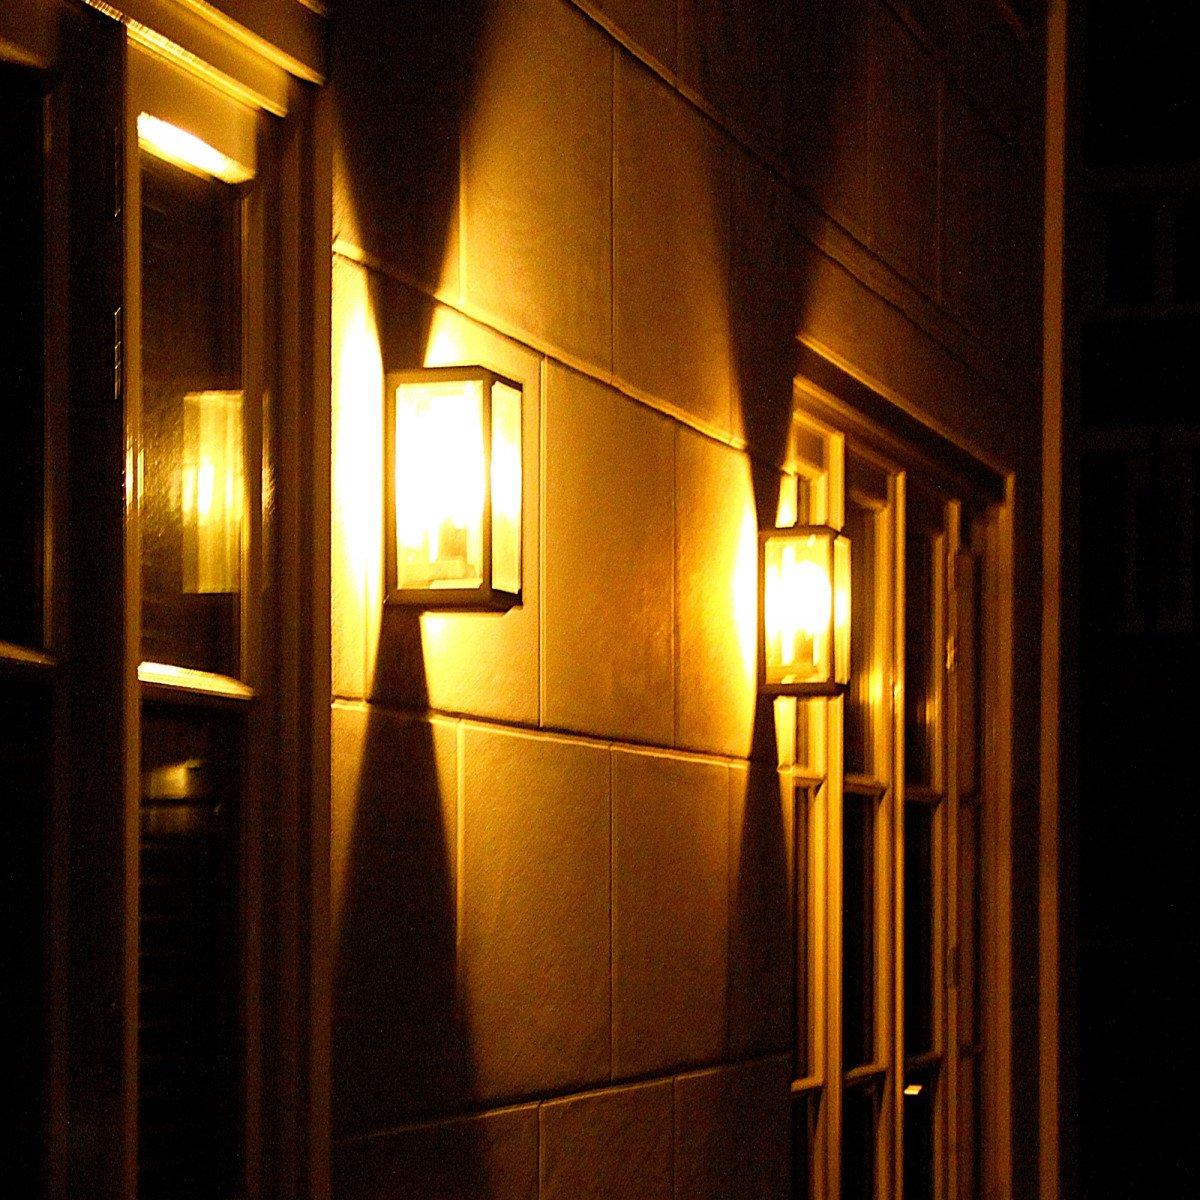 verandalamp, buitenlamp 't Gooi, strak vormgegeven trendy buitenverlichting voor aan de muur van KS Verlichting